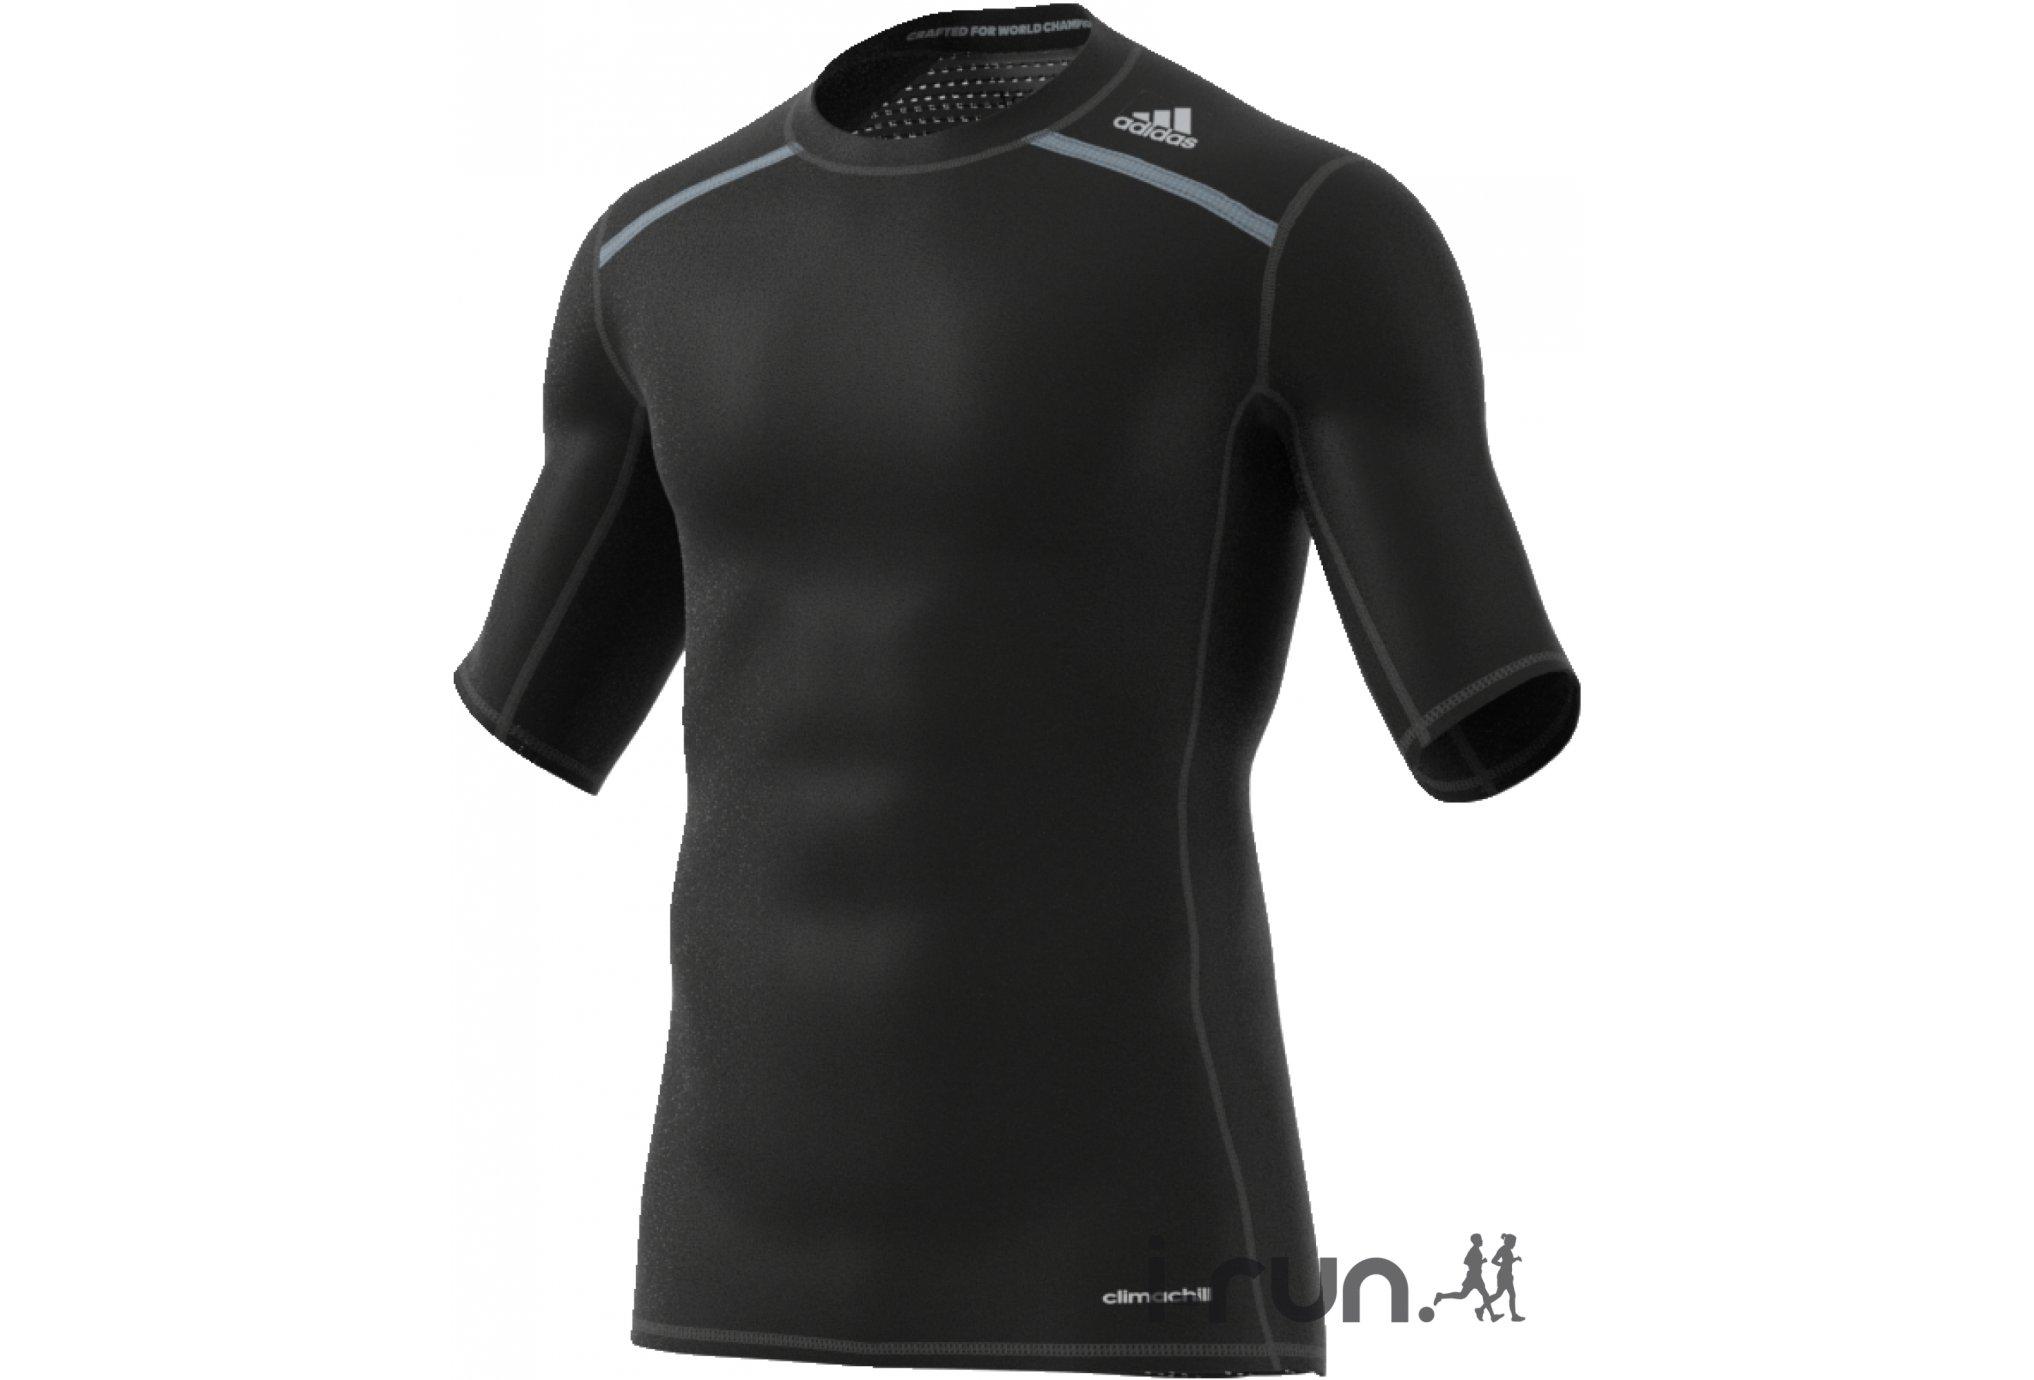 Resathlon adidas Tee Shirt 34 Techfit Chill M vêtement